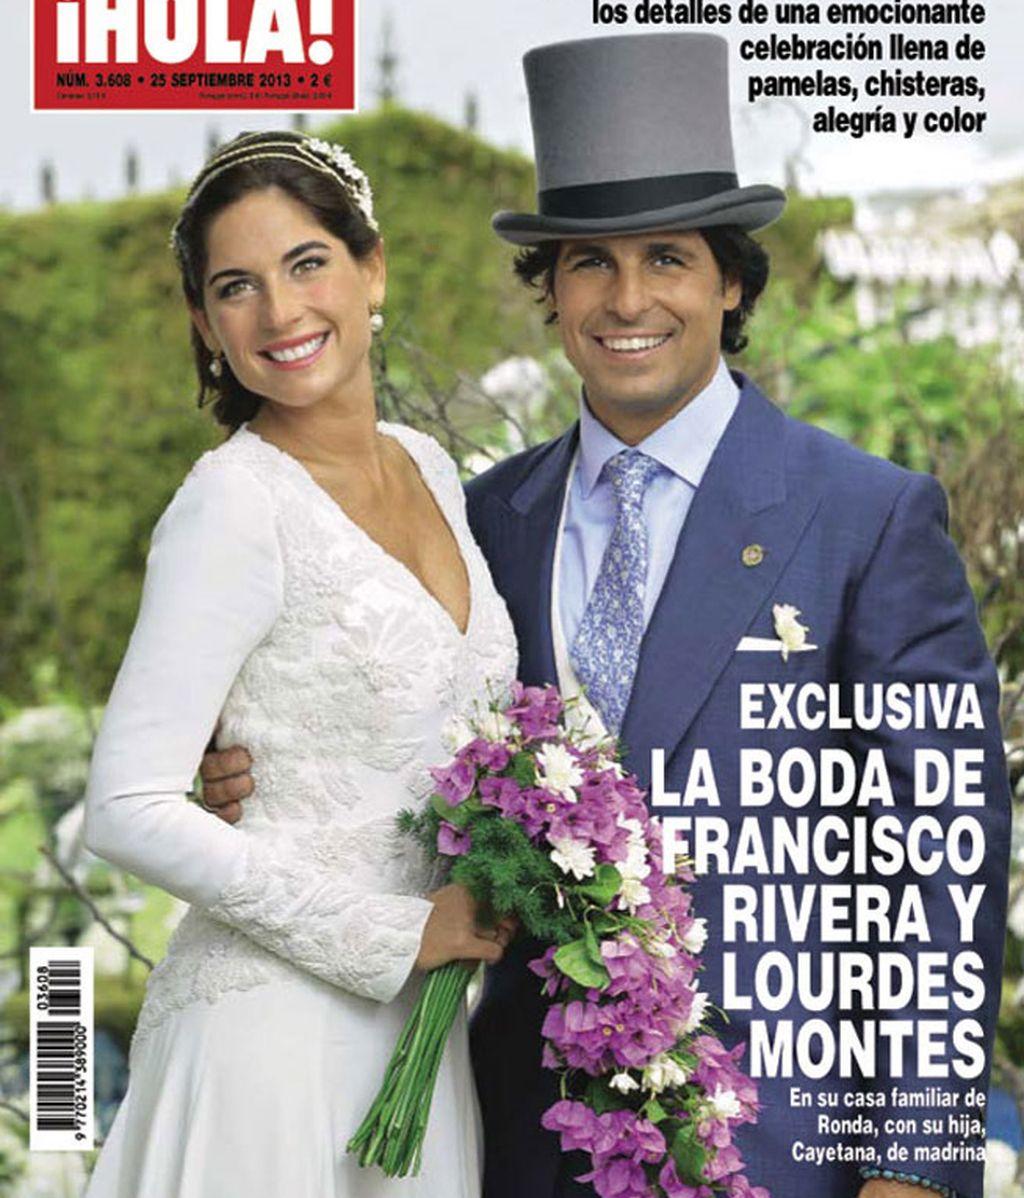 Francisco Rivera, dolido con un íntimo amigo que filtró las fotografías, según Rossi